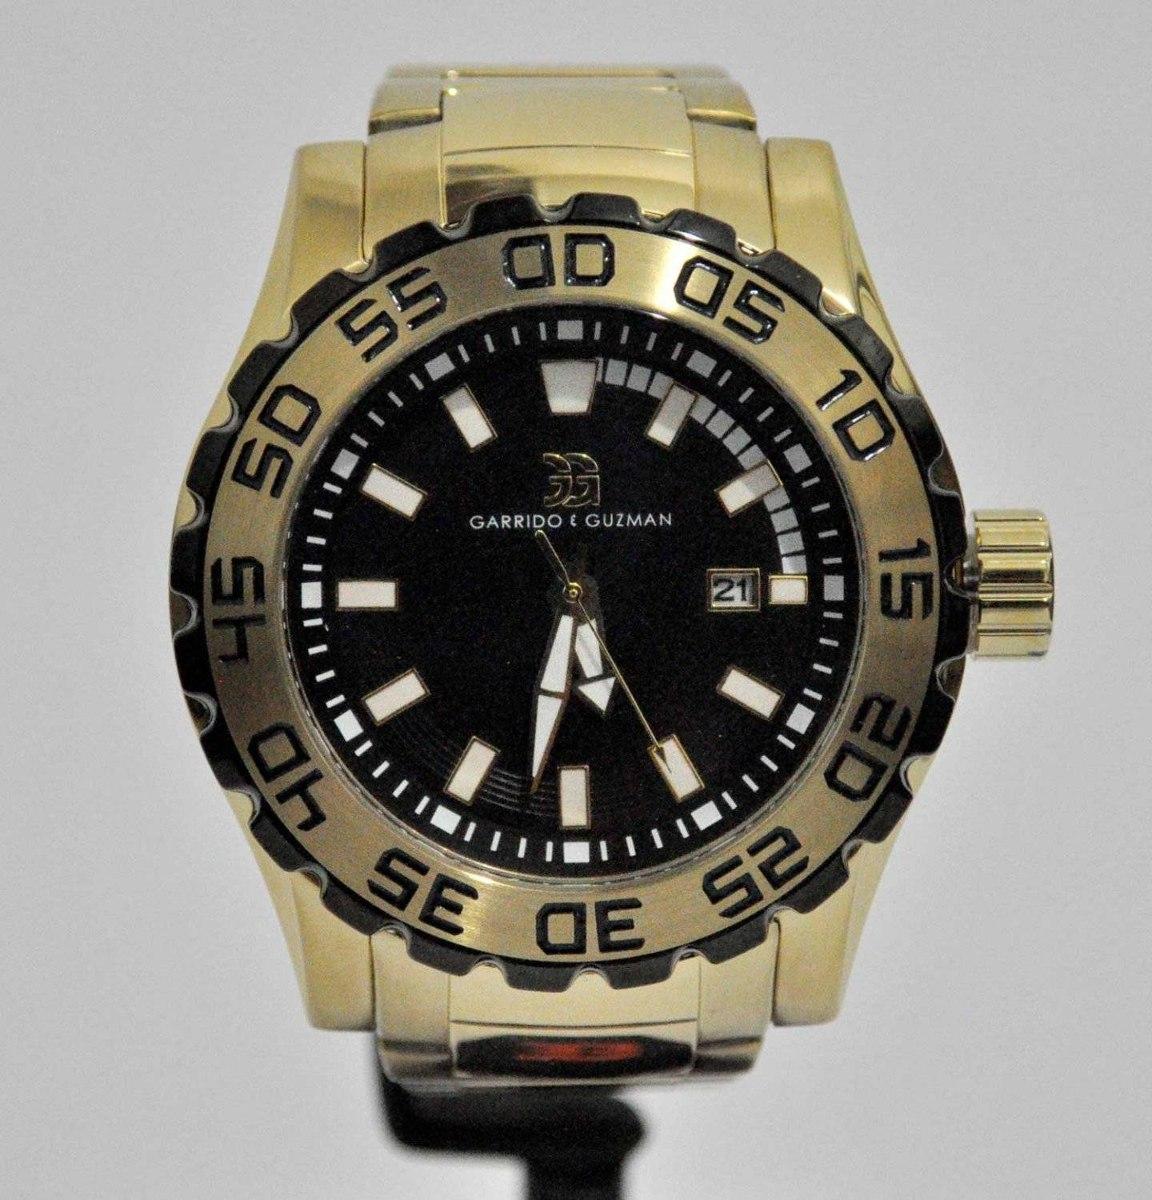 f81526bdcba relógio garrido e guzman gg2046gsg dourado. Carregando zoom.